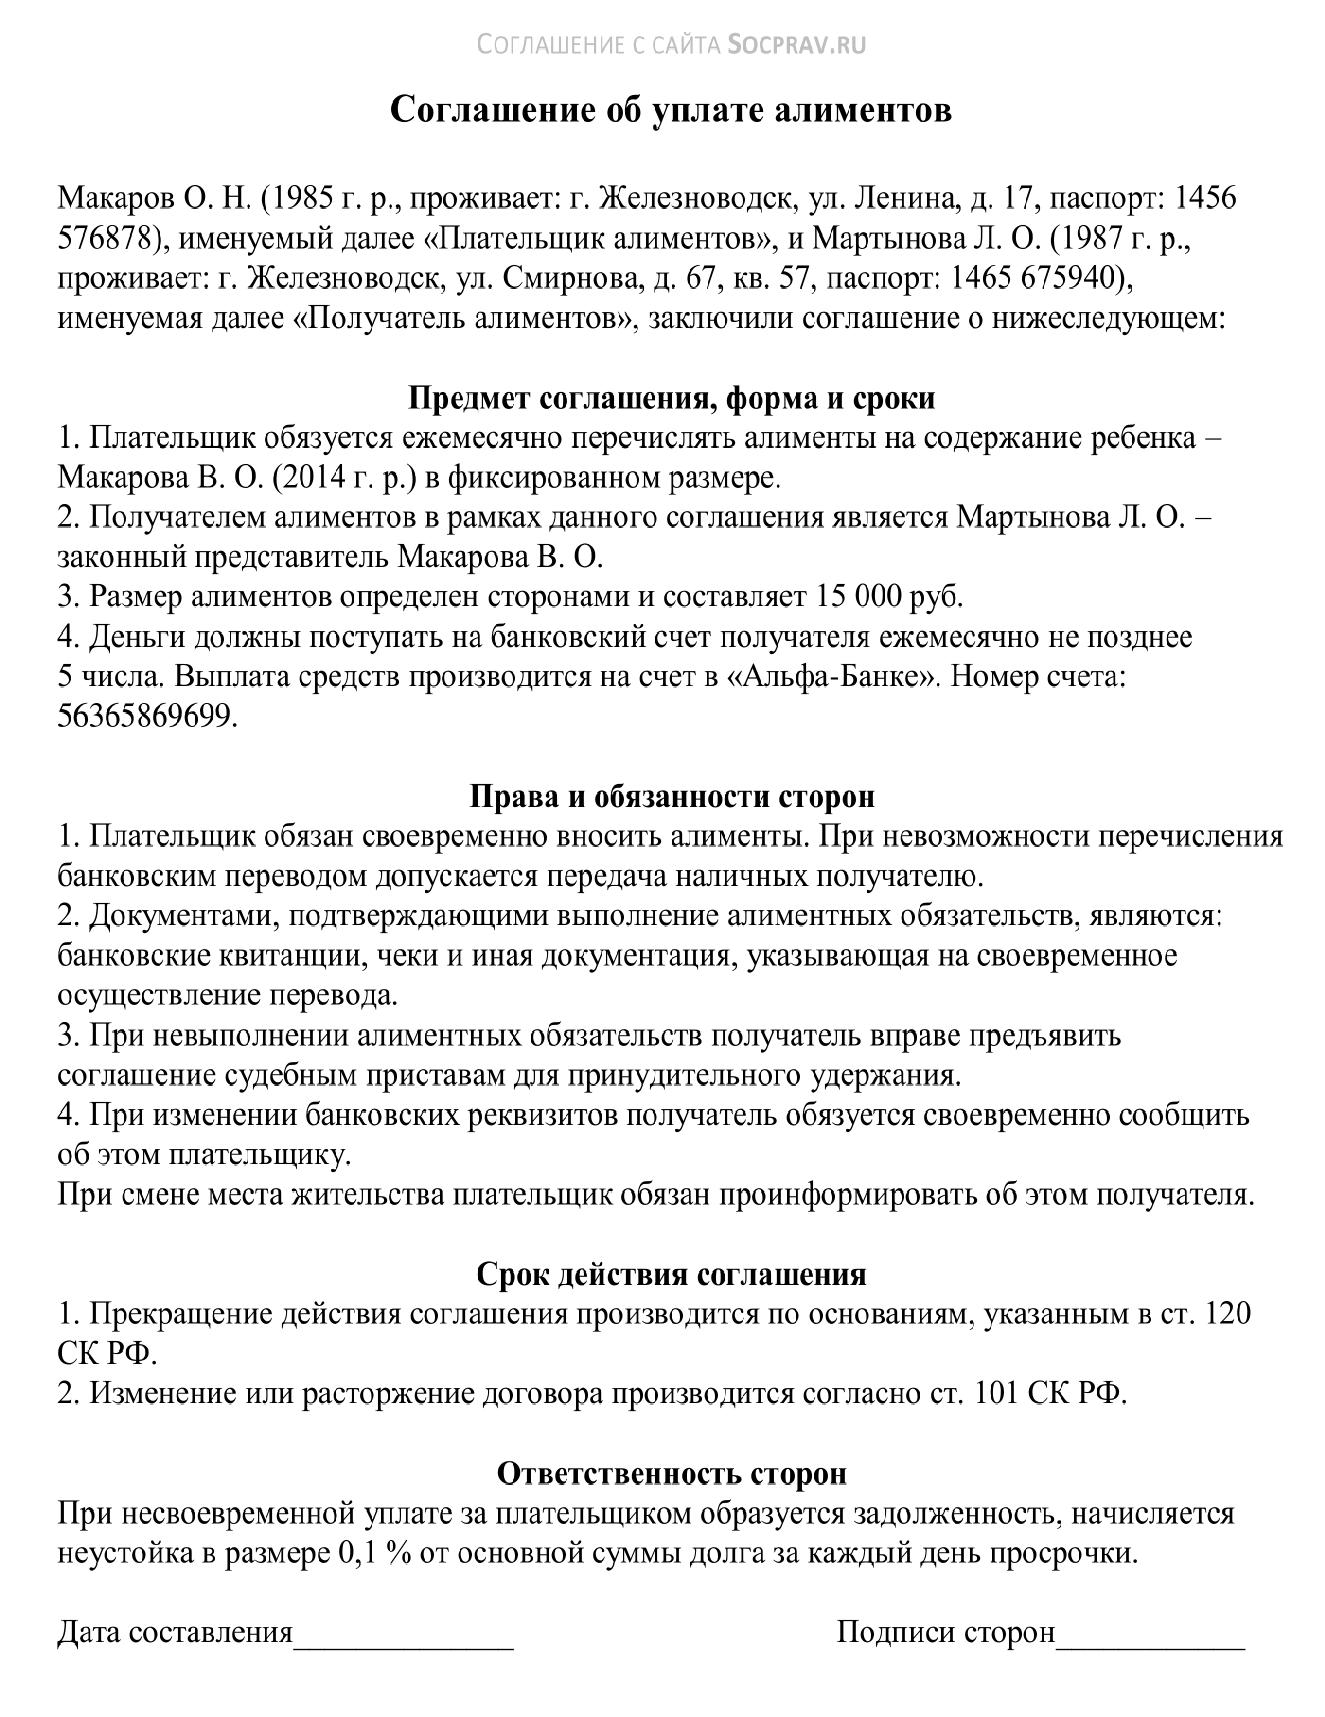 Соглашение о добровольно выплате алиментов